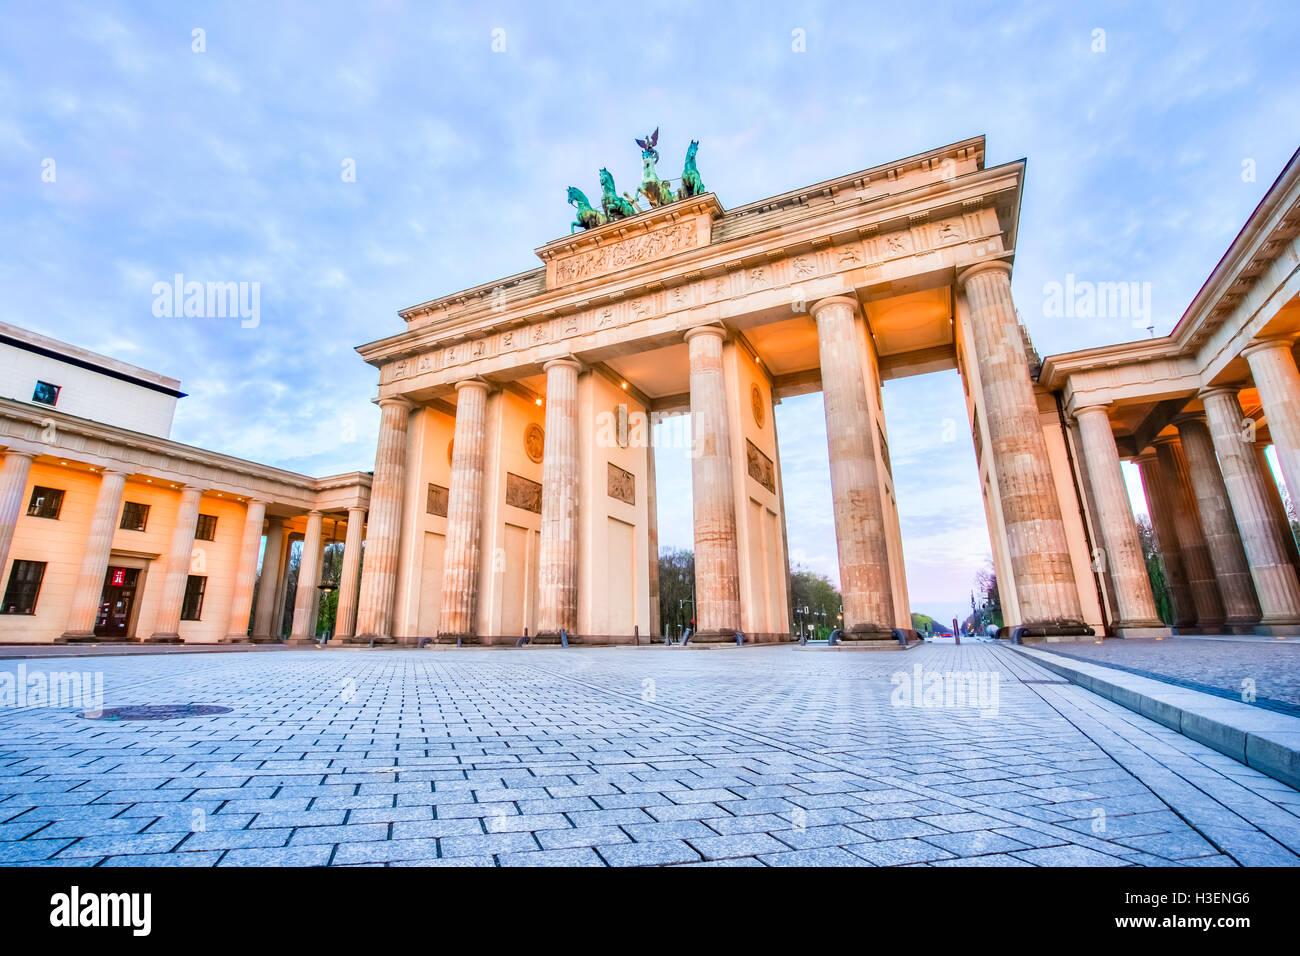 Sunrise presso la Porta di Brandeburgo a Berlino, Germania. Immagini Stock